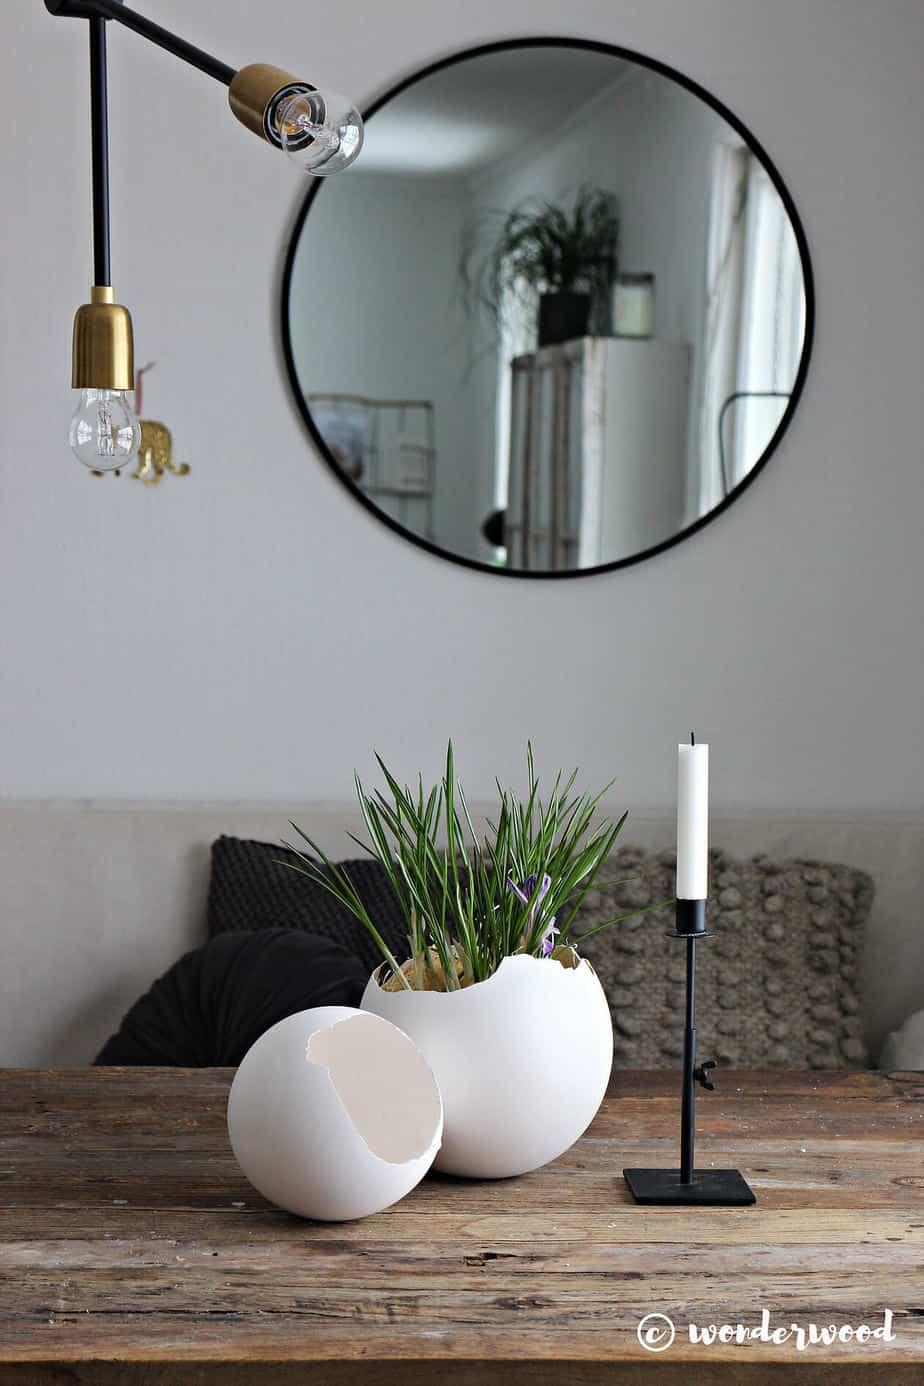 diy pour le salon vase deco oeuf plante - Une sélection de DIY pour le salon, pimper sa déco